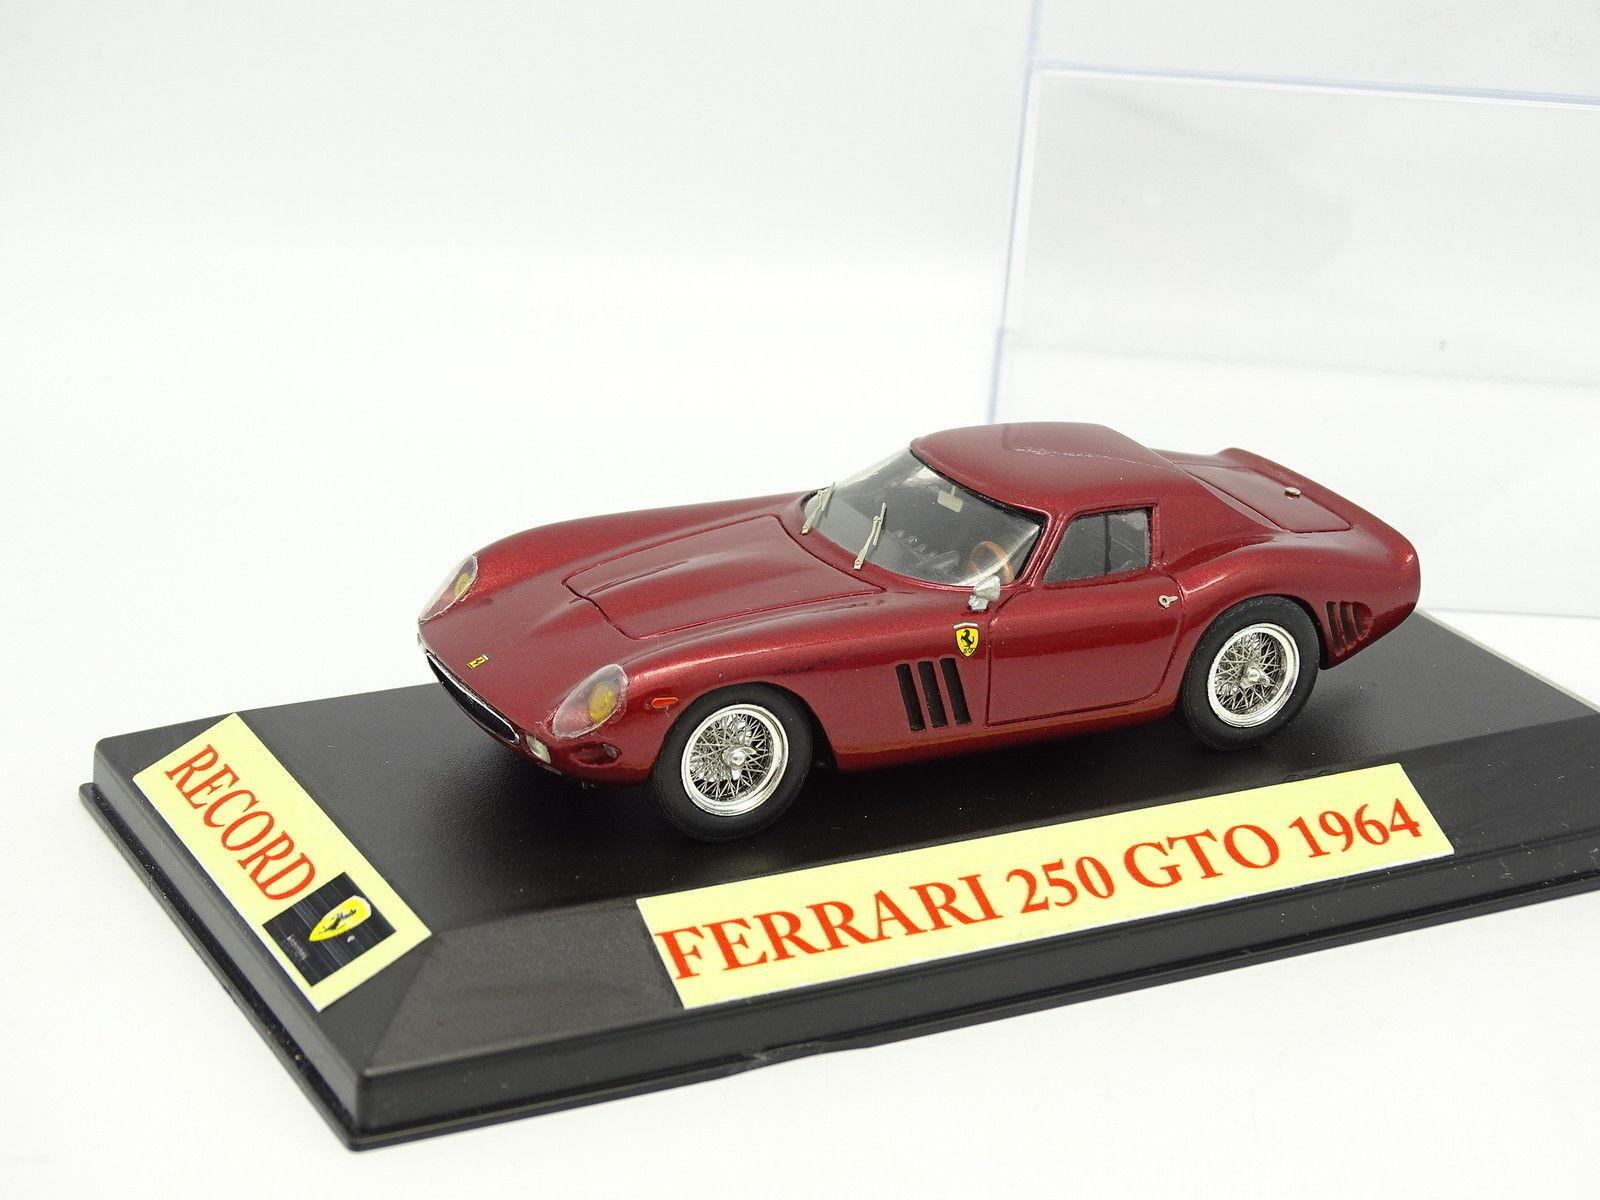 Kit Montado Base Record 1 43 - Ferrari 250 GTO 1964 red Metal